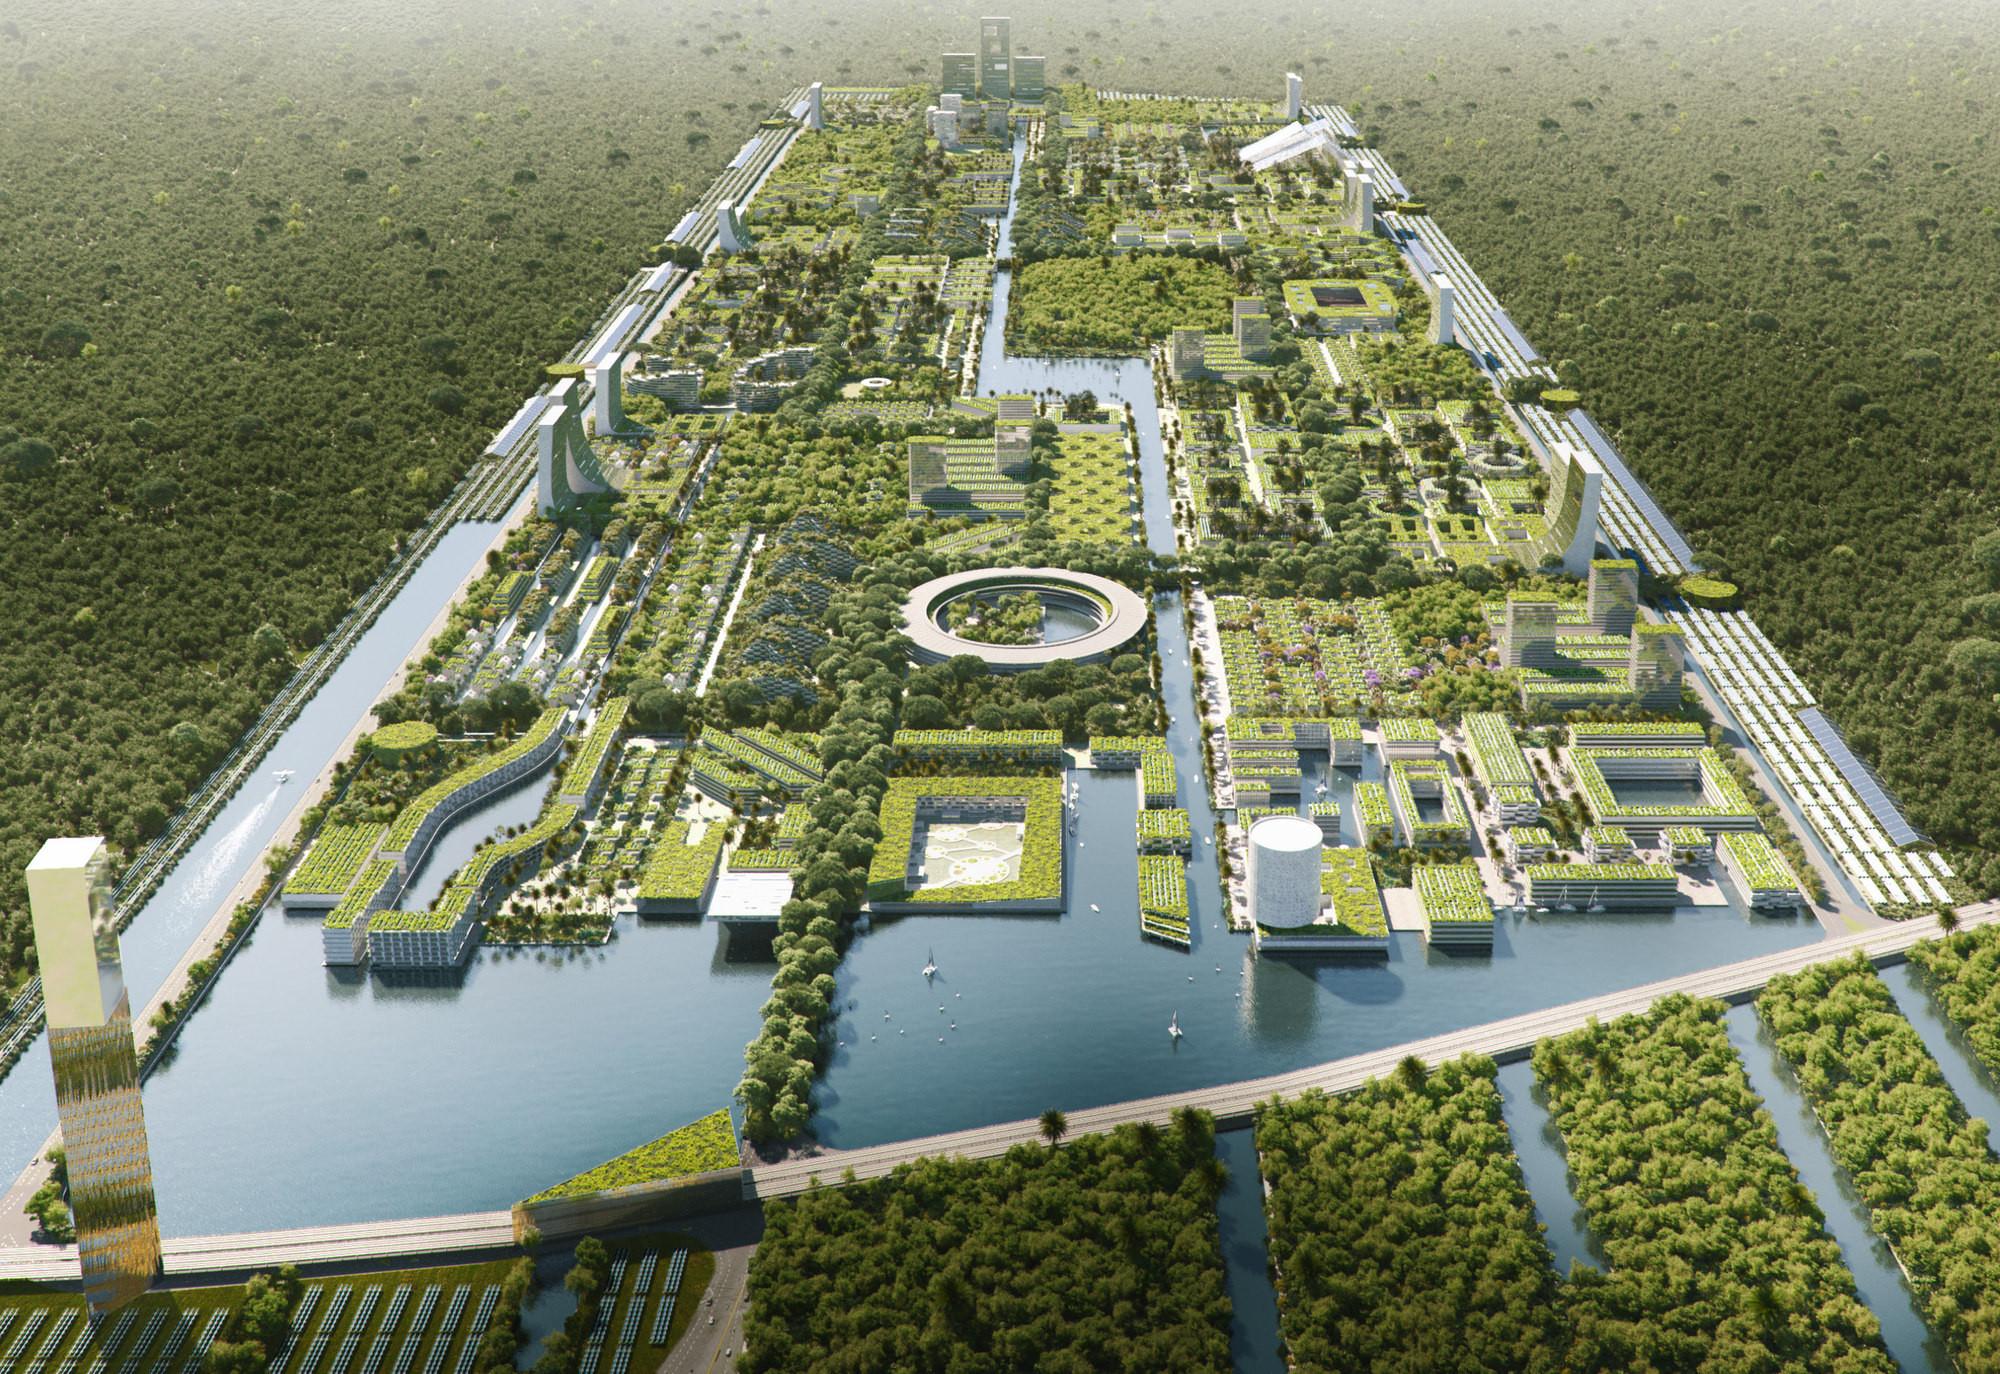 Образец сочетания экологичности и научных исследований - первый умный лесной город недалеко от Канкуна, Мексика.